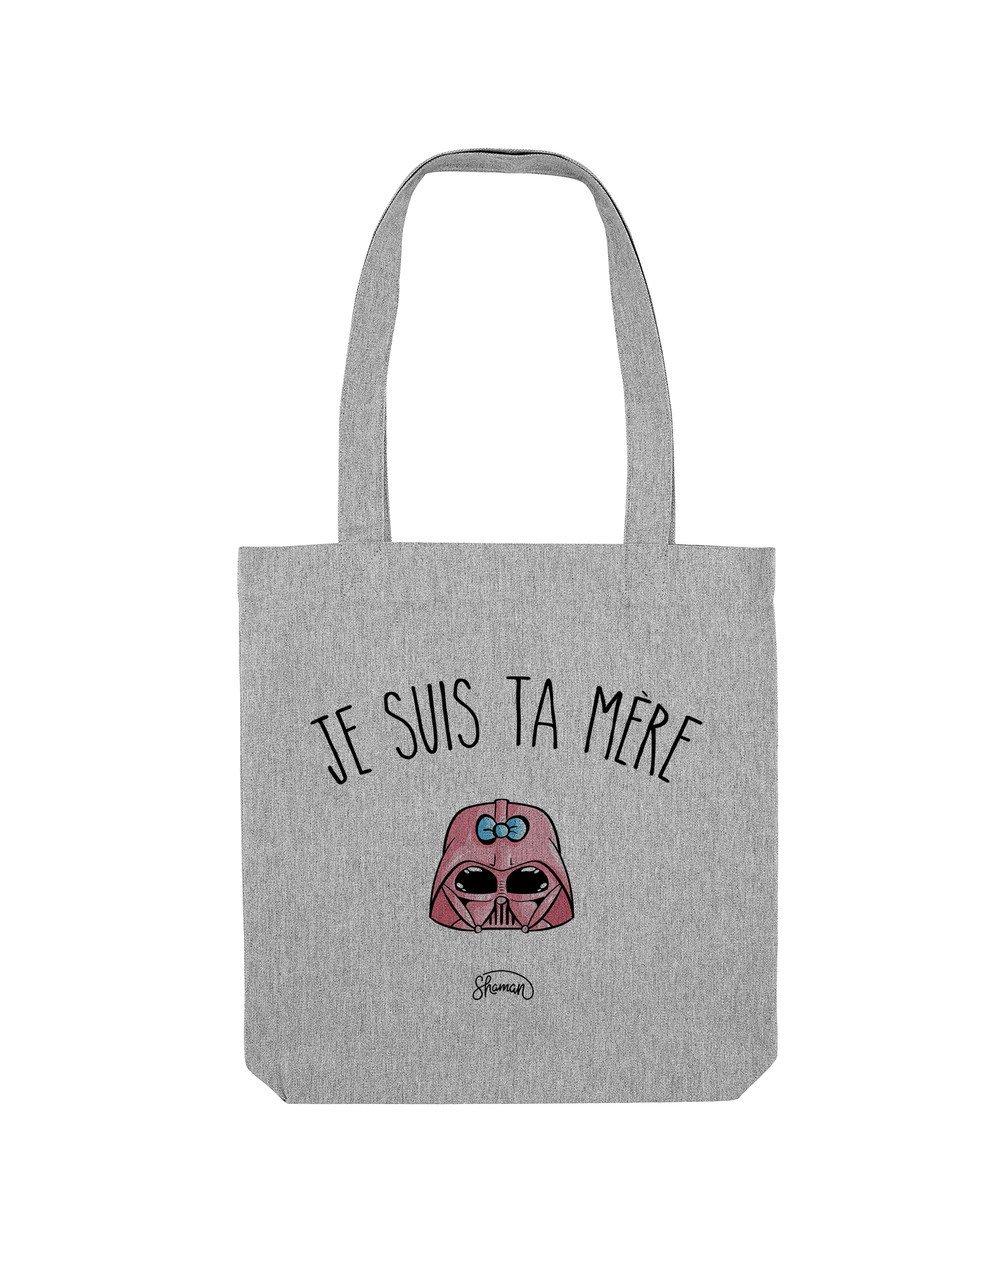 JE SUIS TA MÈRE - Tote Bag  Natural  en coton